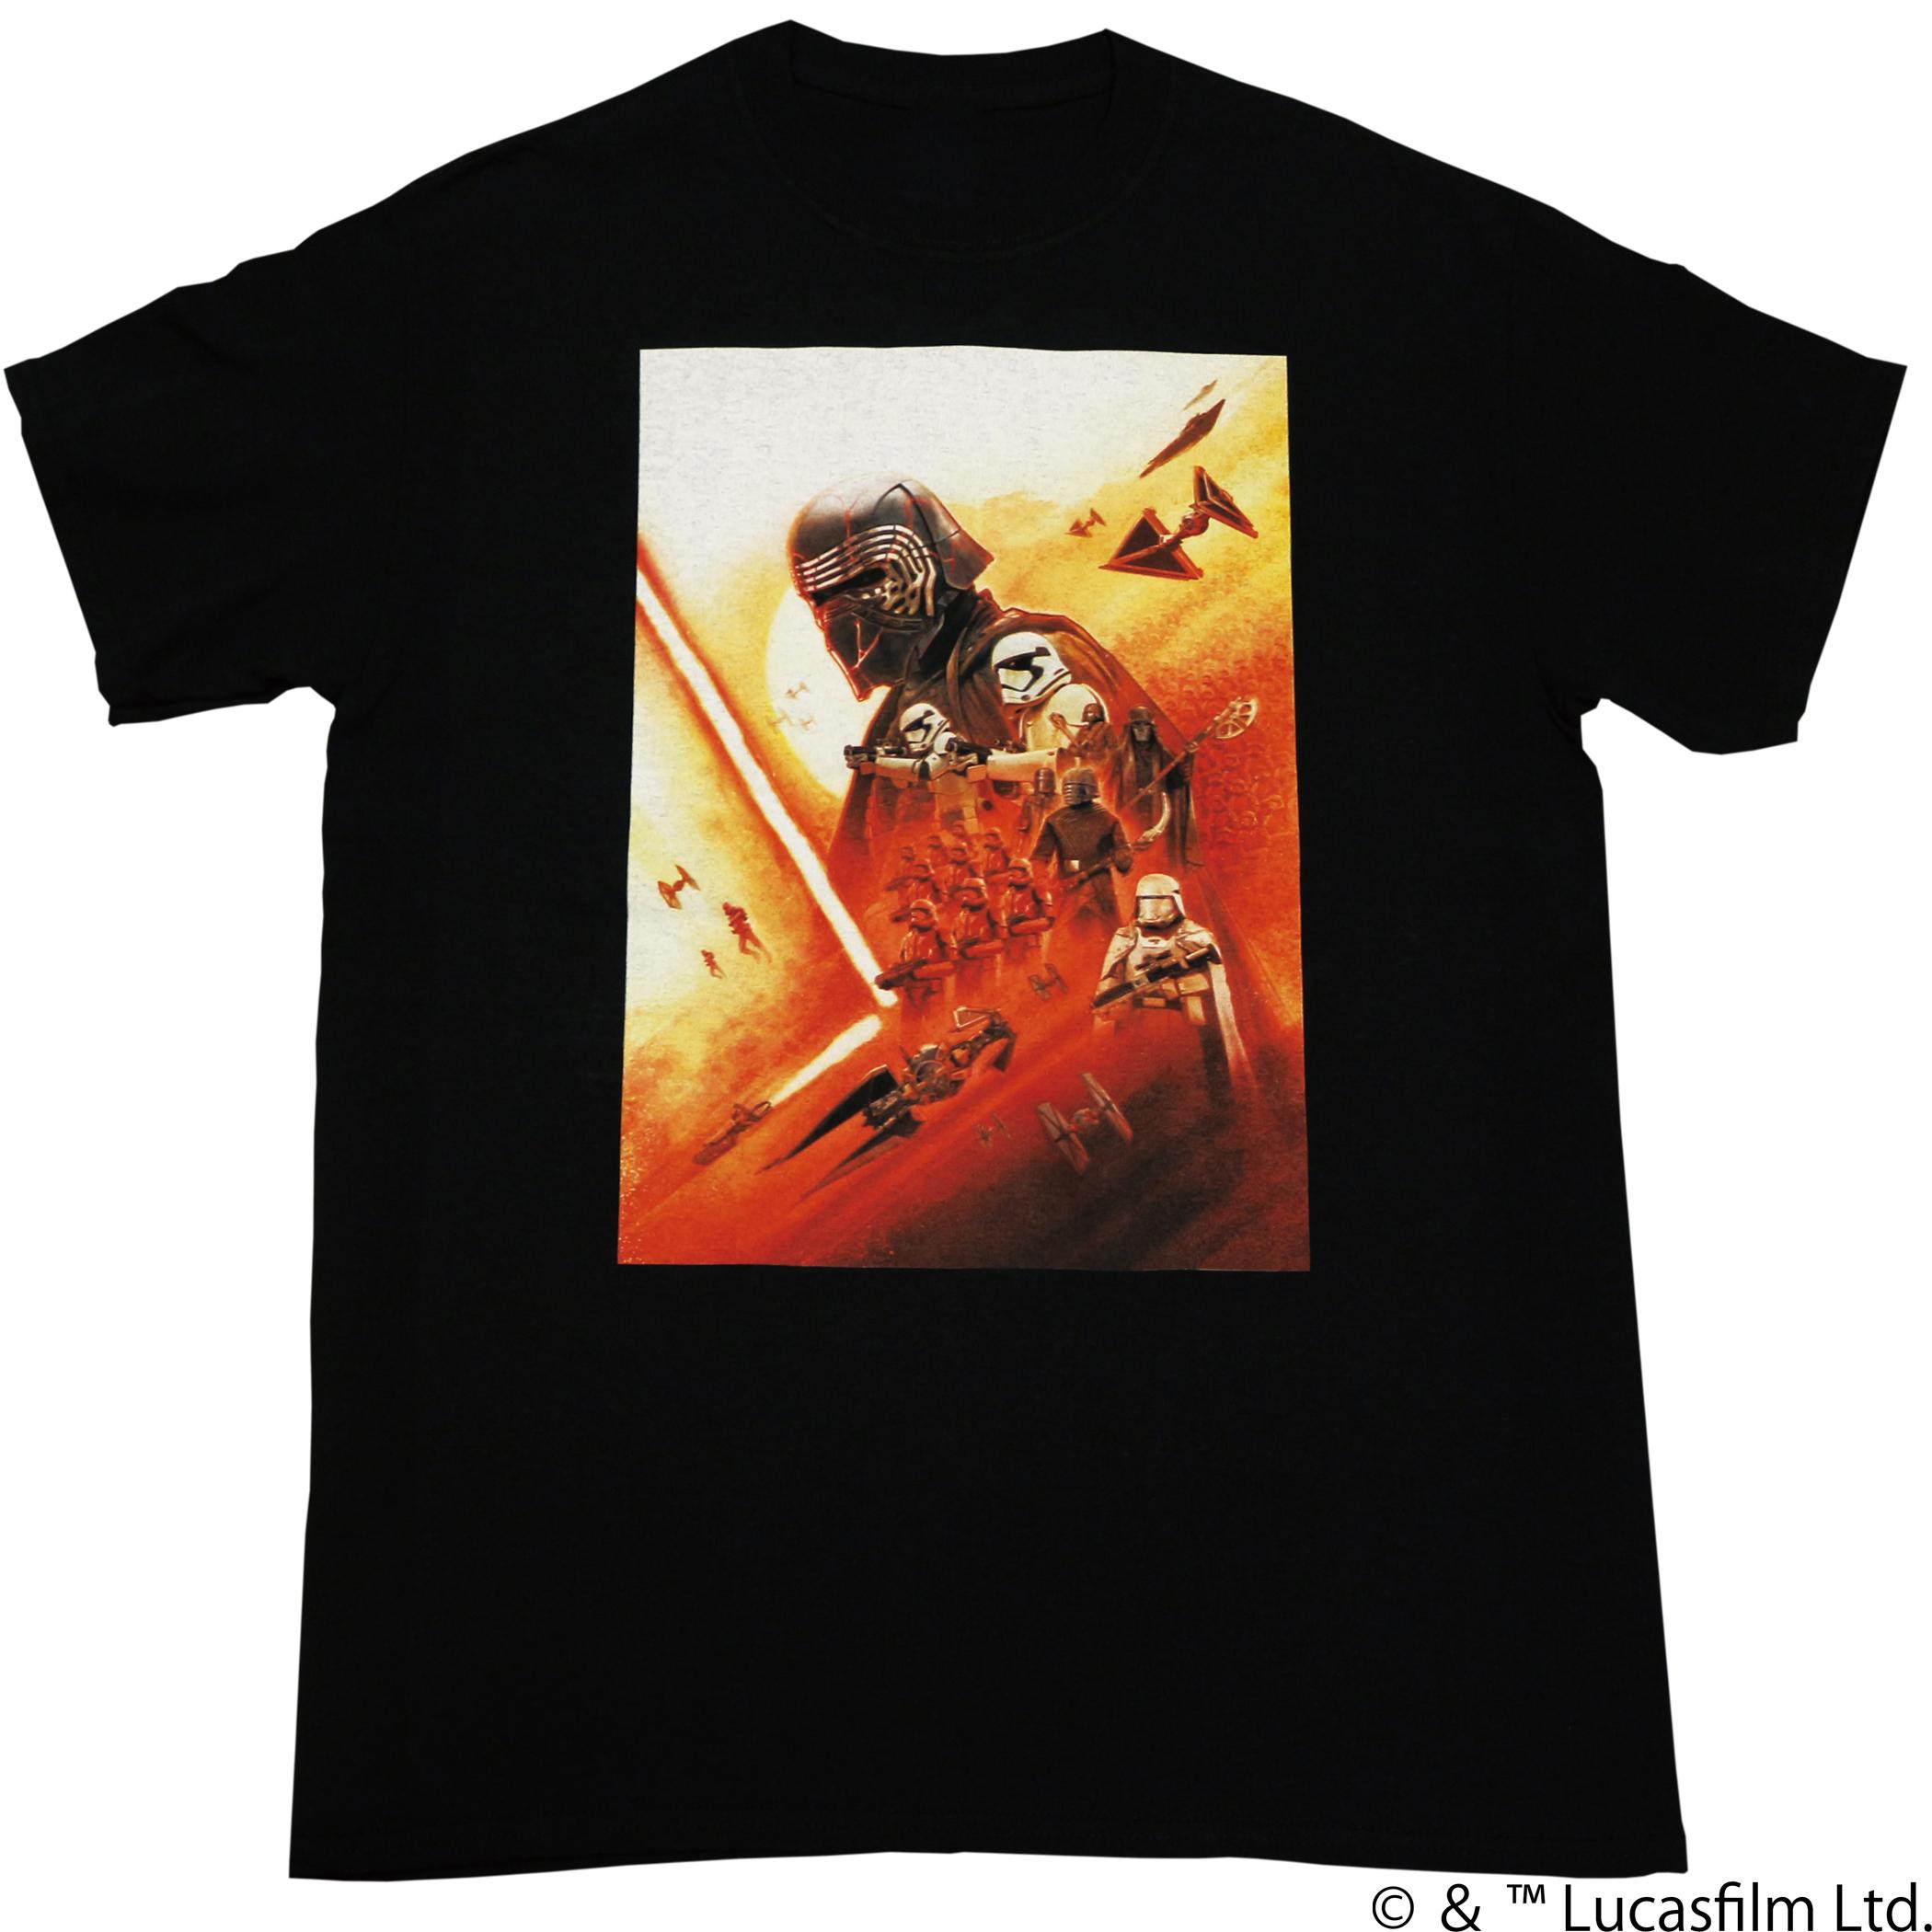 【スター・ウォーズ】エピソードIX アート ファーストオーダー 両面プリントTシャツ